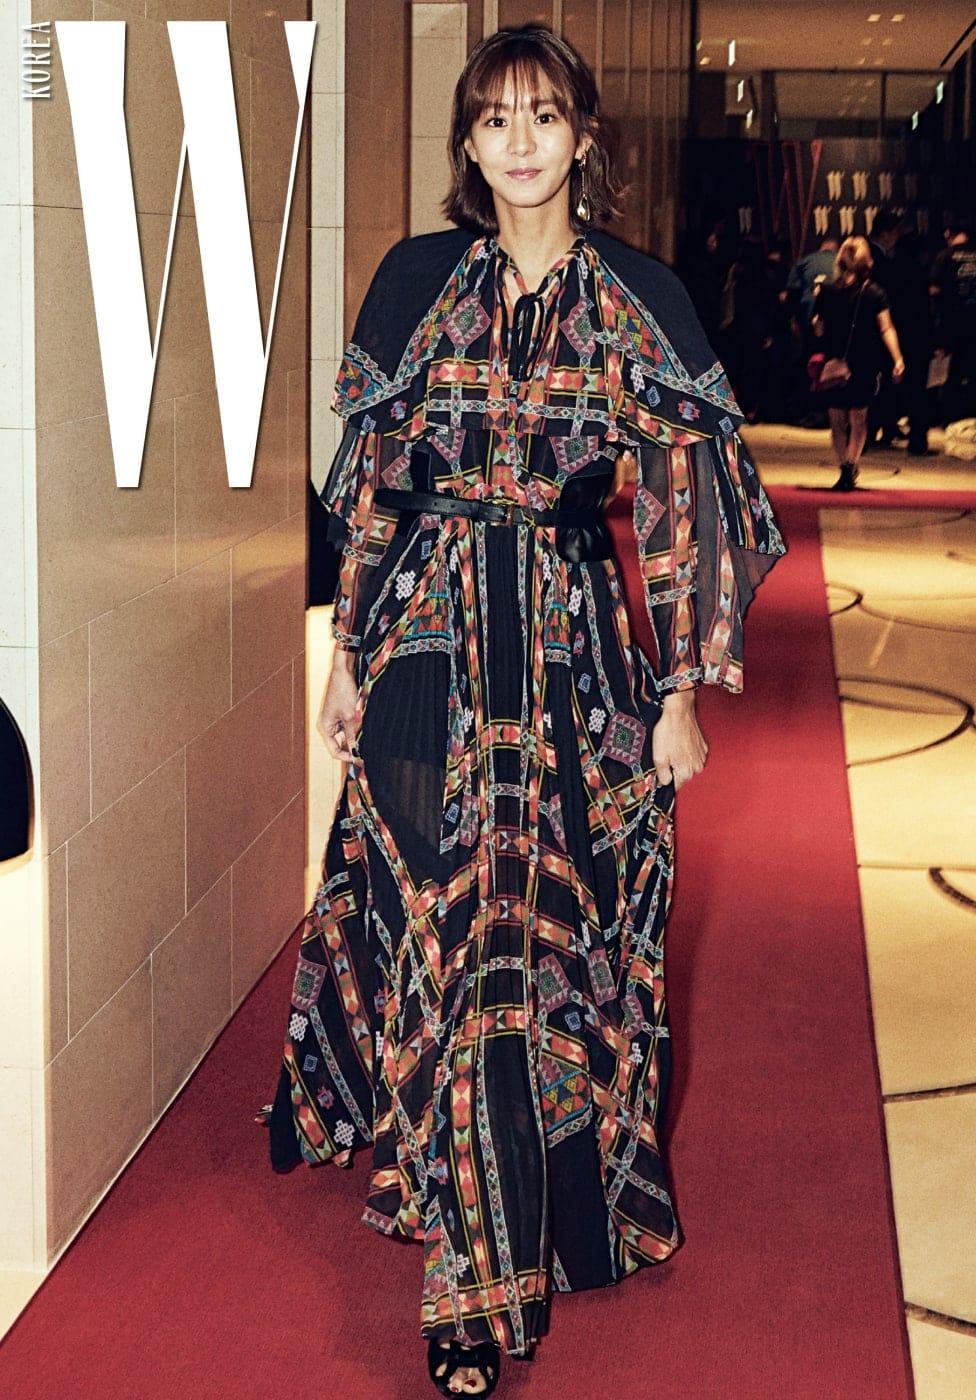 지난 9월 말에 마친 드라마 의 주인공 유이는 화려하고 이국적인 프린트의 드레스를 입고 레드카펫을 화사하게 밝혔다. 기하학적이고 에스닉한 컬러 도형 프린트의 드레스는 Etro 제품.